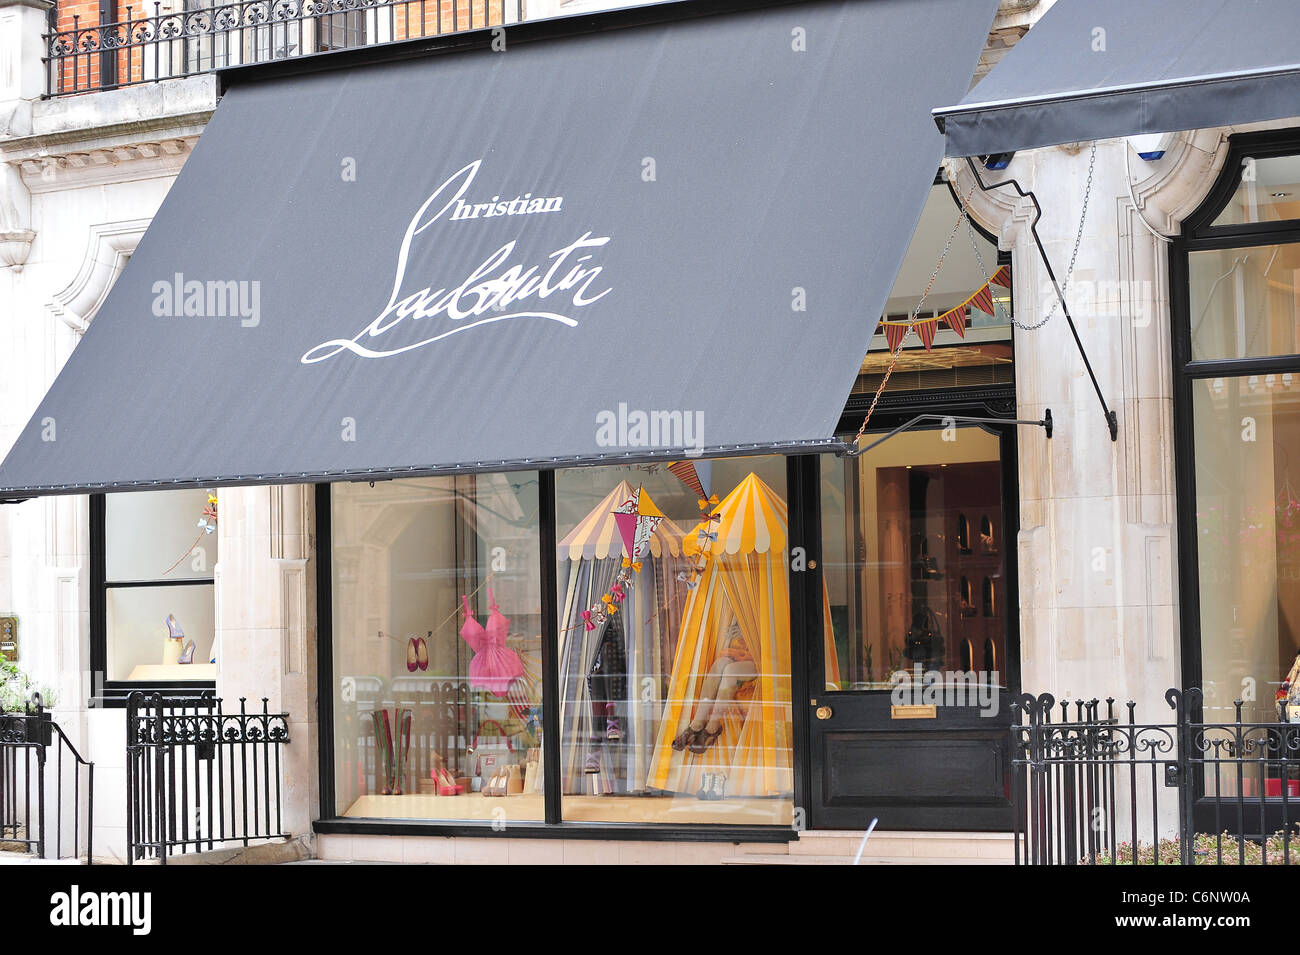 louboutin shop london